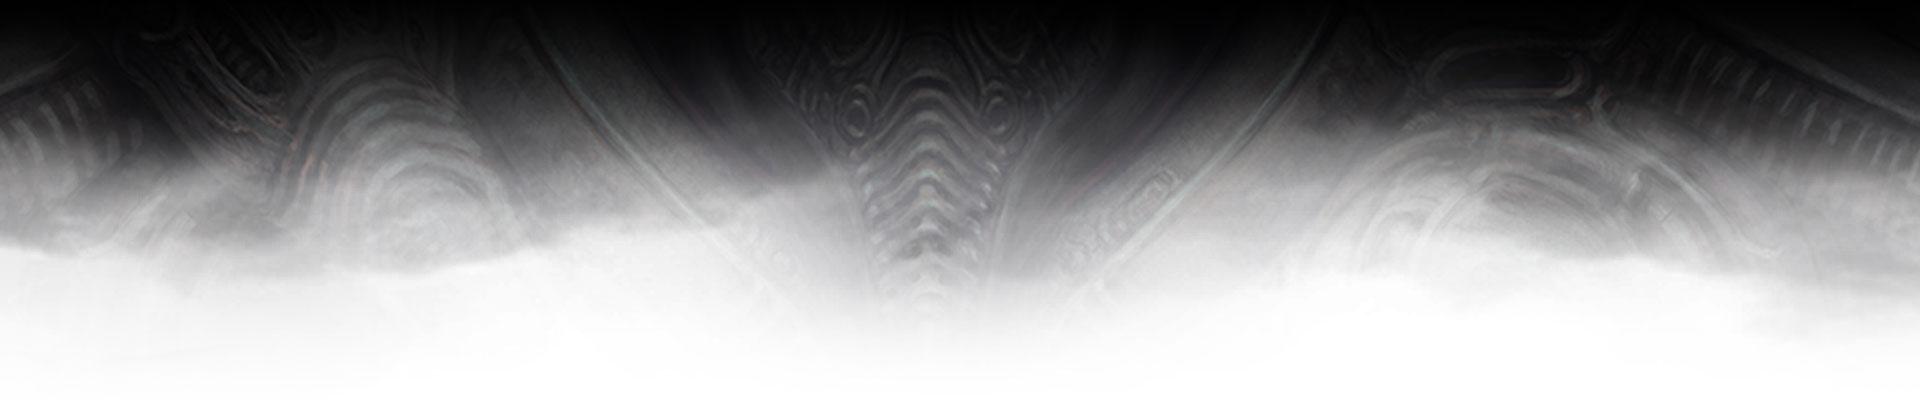 Moldura intrincada em preto desvanecendo para branco em Scorn